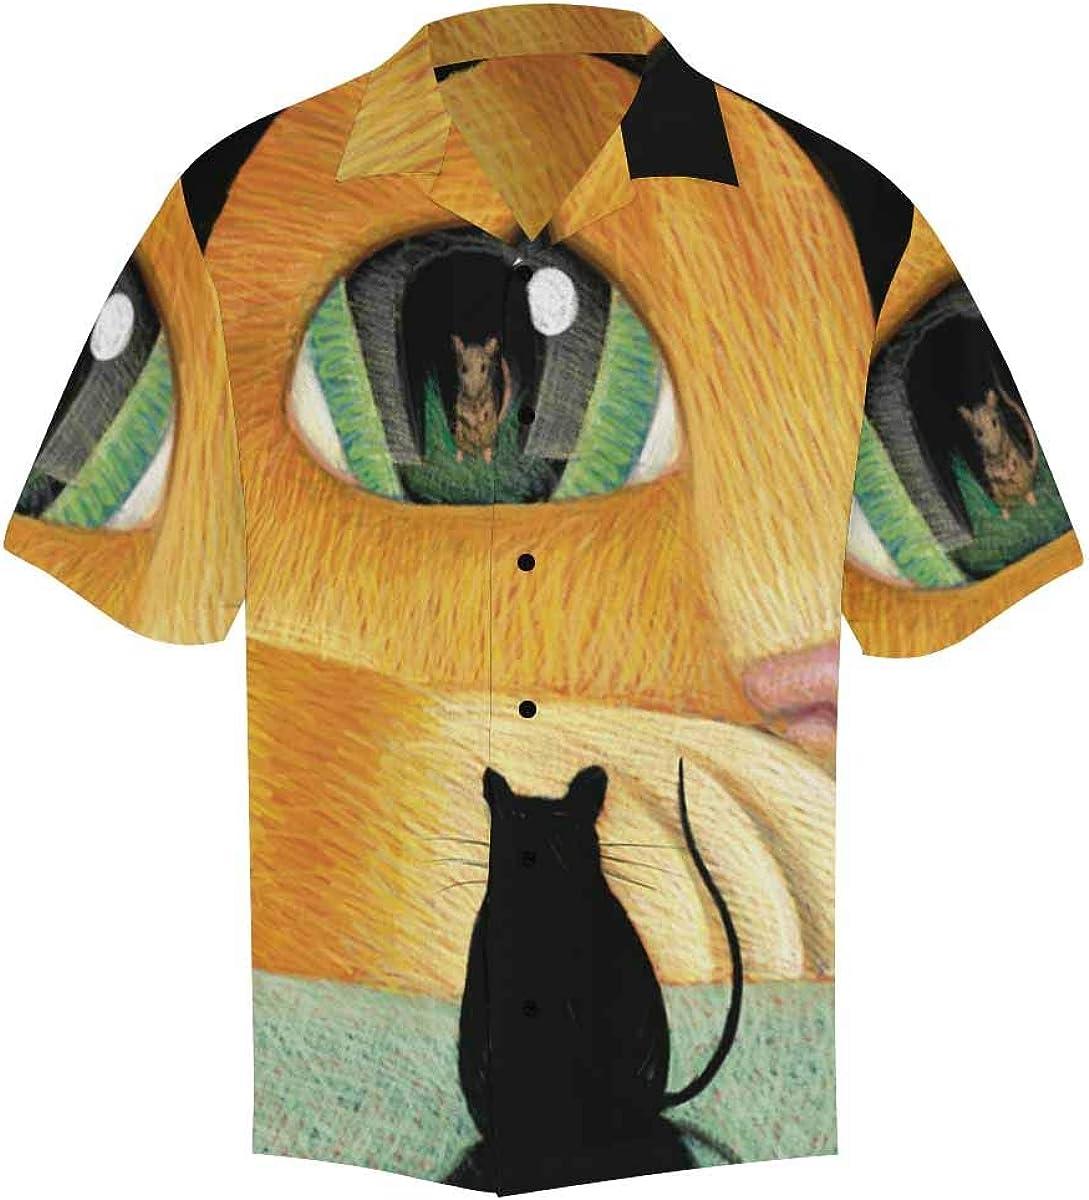 InterestPrint Men's Casual Button Down Short Sleeve Hawaiian Shirt Cat Polka Dot (S-5XL)